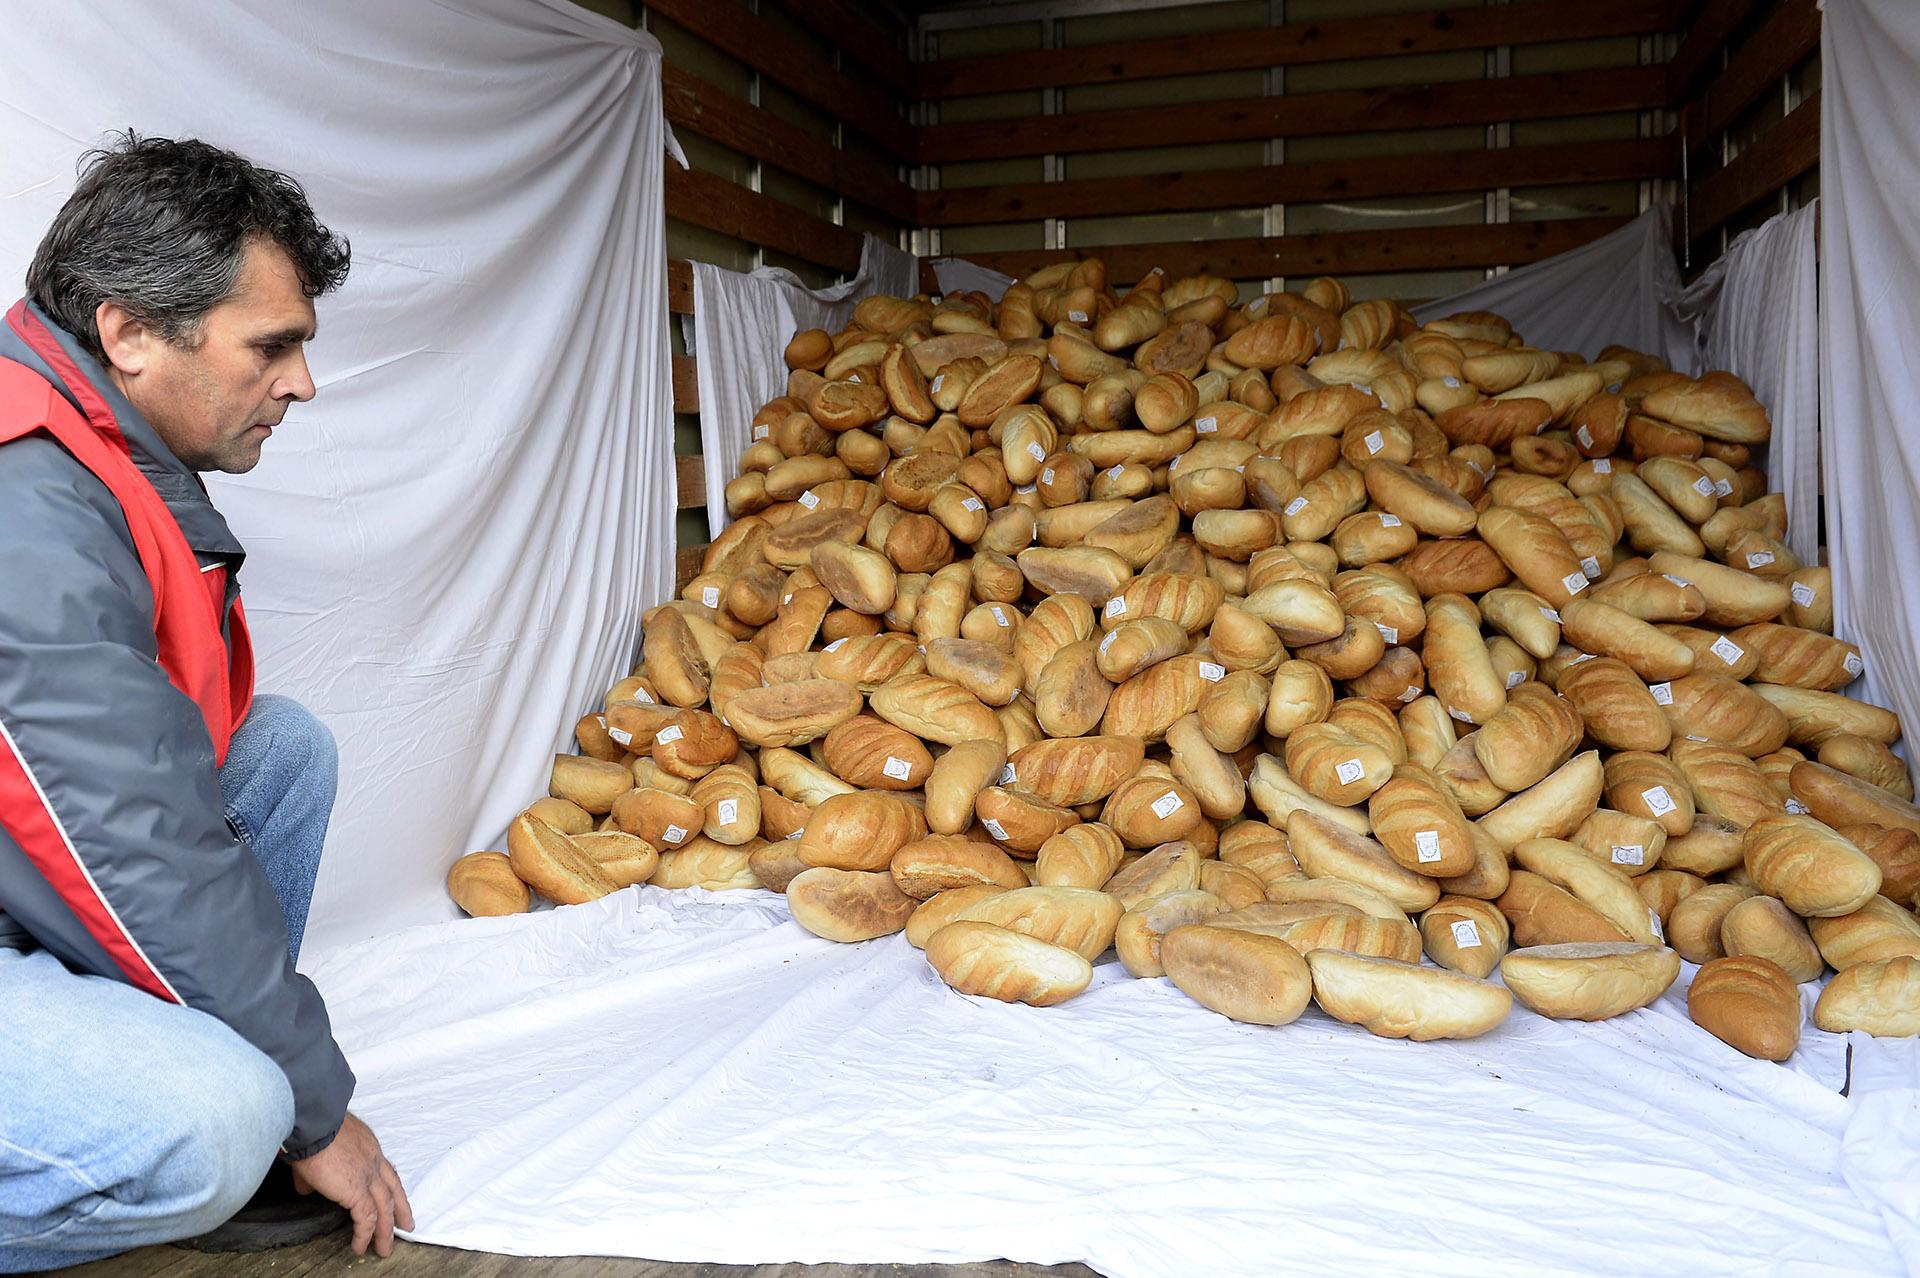 10 százalékkal nőhet a liszt ára, ami továbbhullámzik majd a kenyerekre is